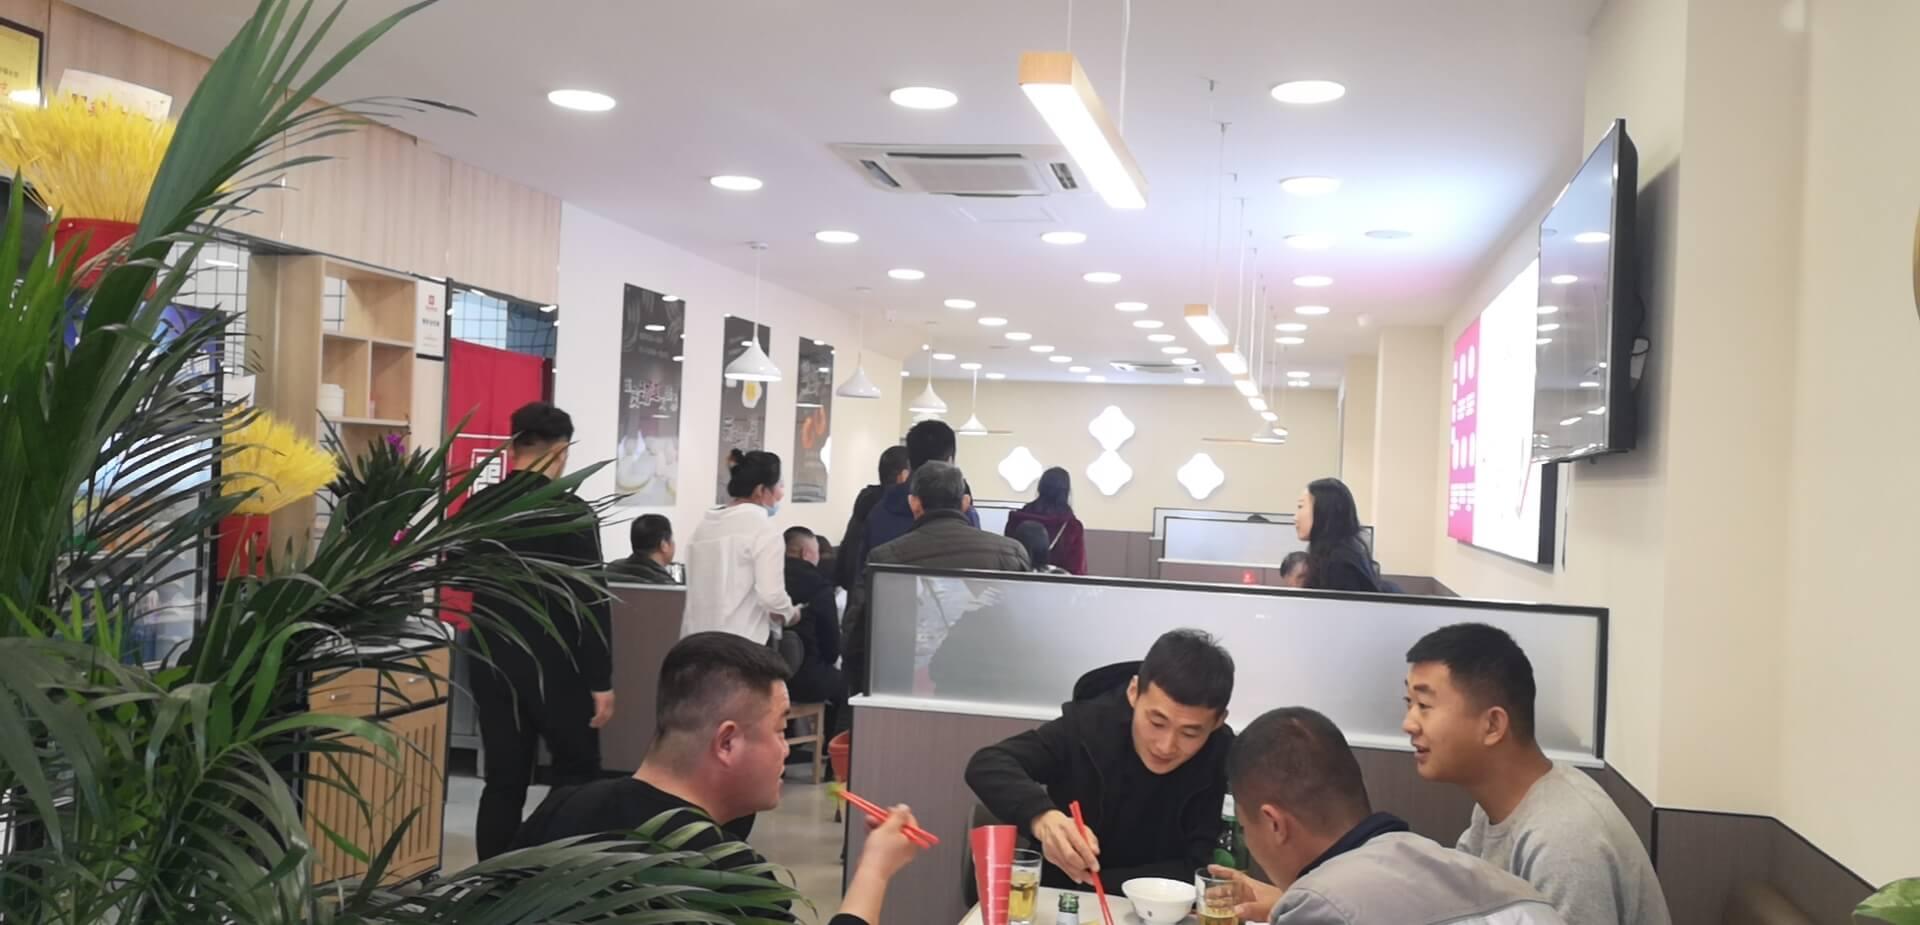 喜妙福水饺,我们是认真的--->青岛胶州店盛大开业